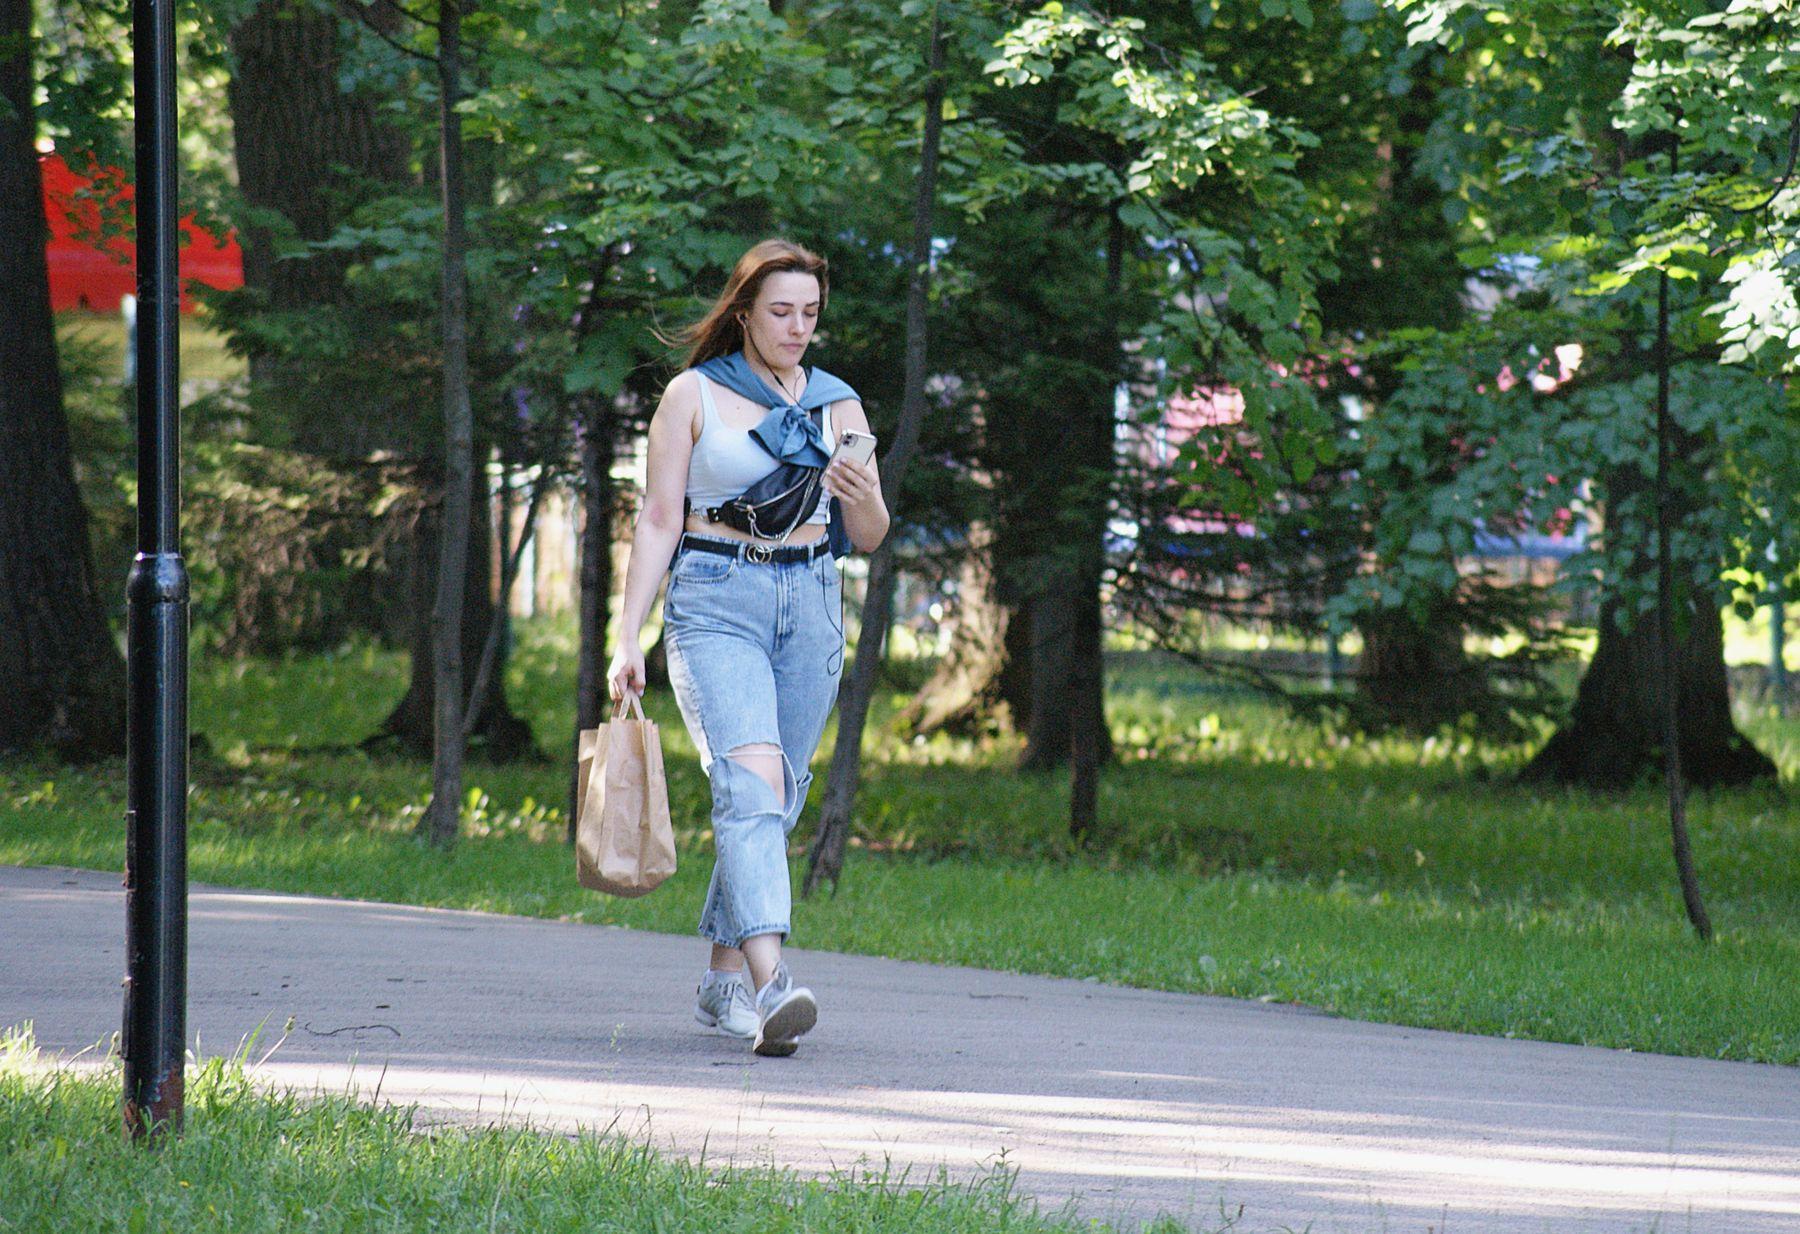 Летящей походкой.. лето июнь парк девушка